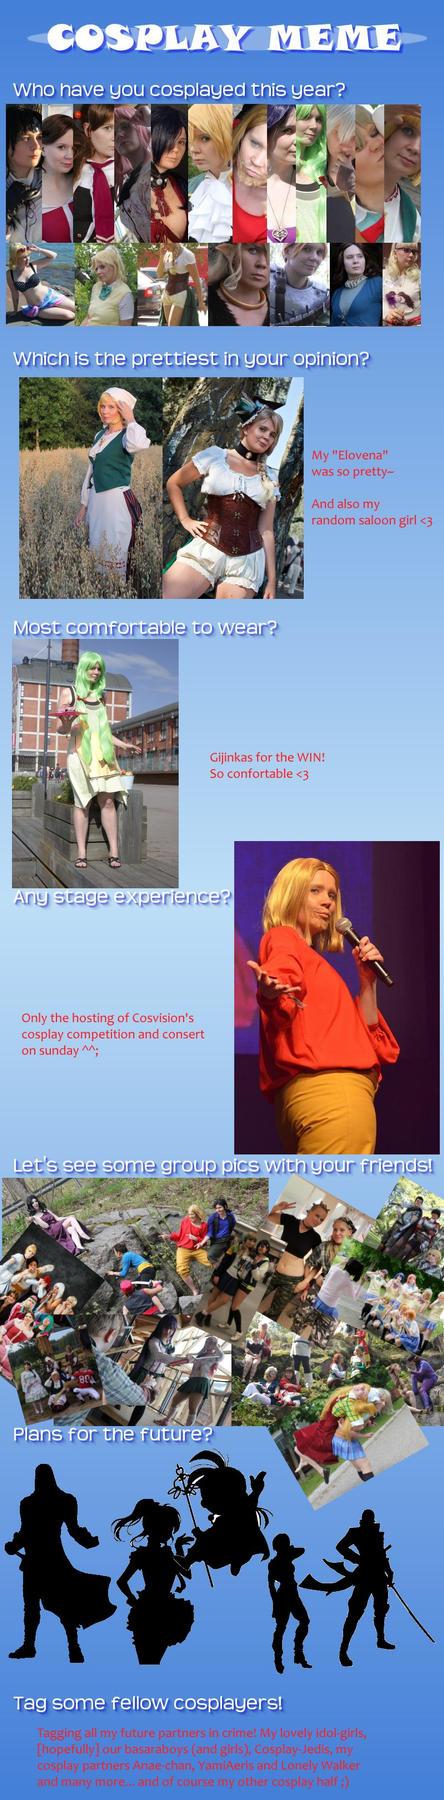 Cosplay meme - year 2014 by nezukuro